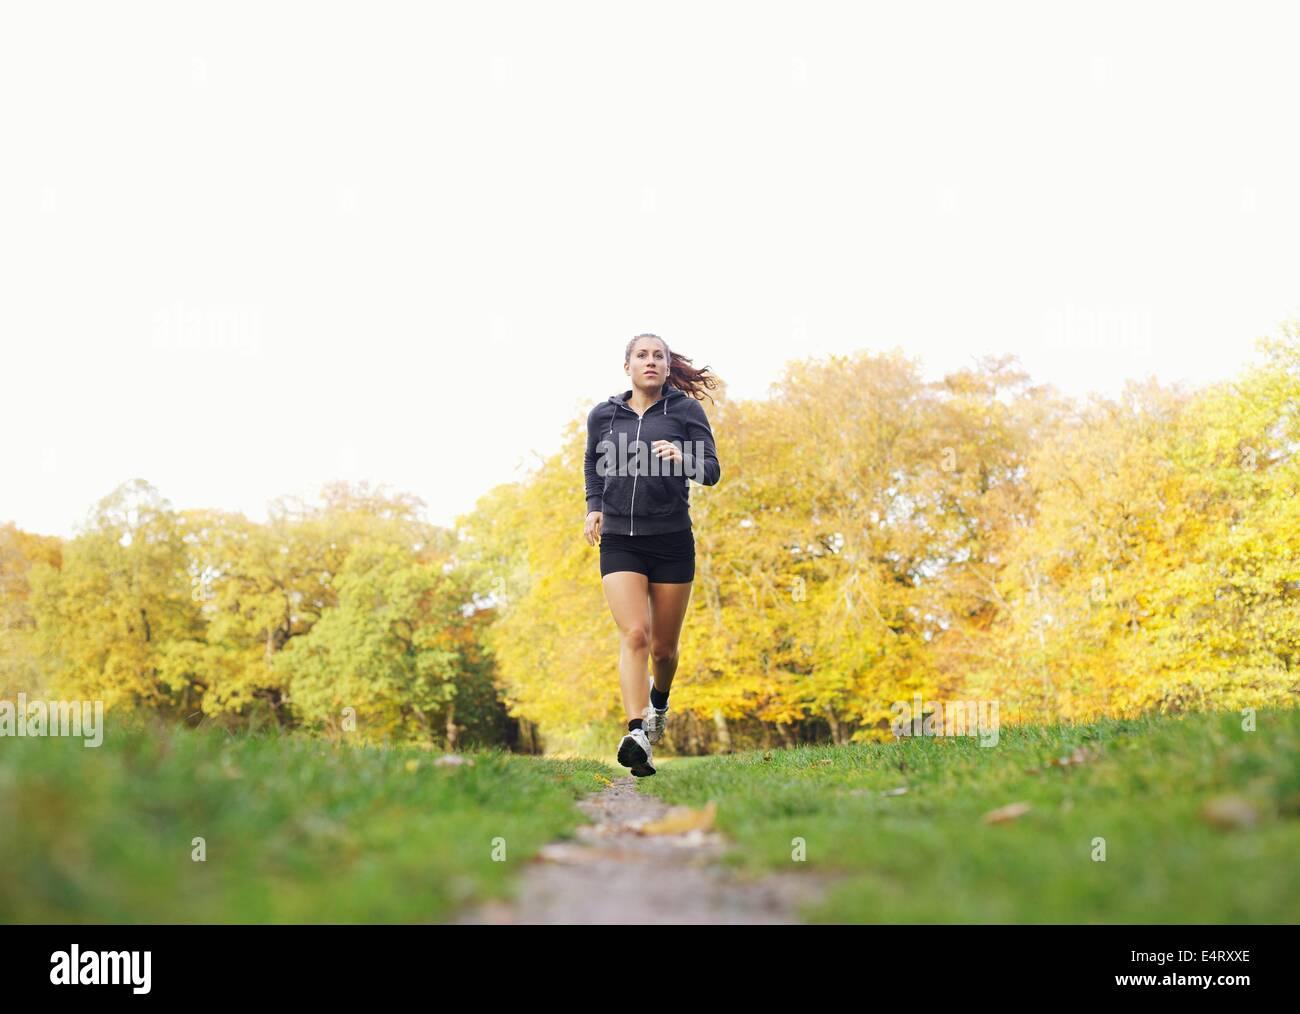 Montare e sano giovane donna in esecuzione al di fuori nel parco. Modello di fitness in capi di abbigliamento sportivi Immagini Stock